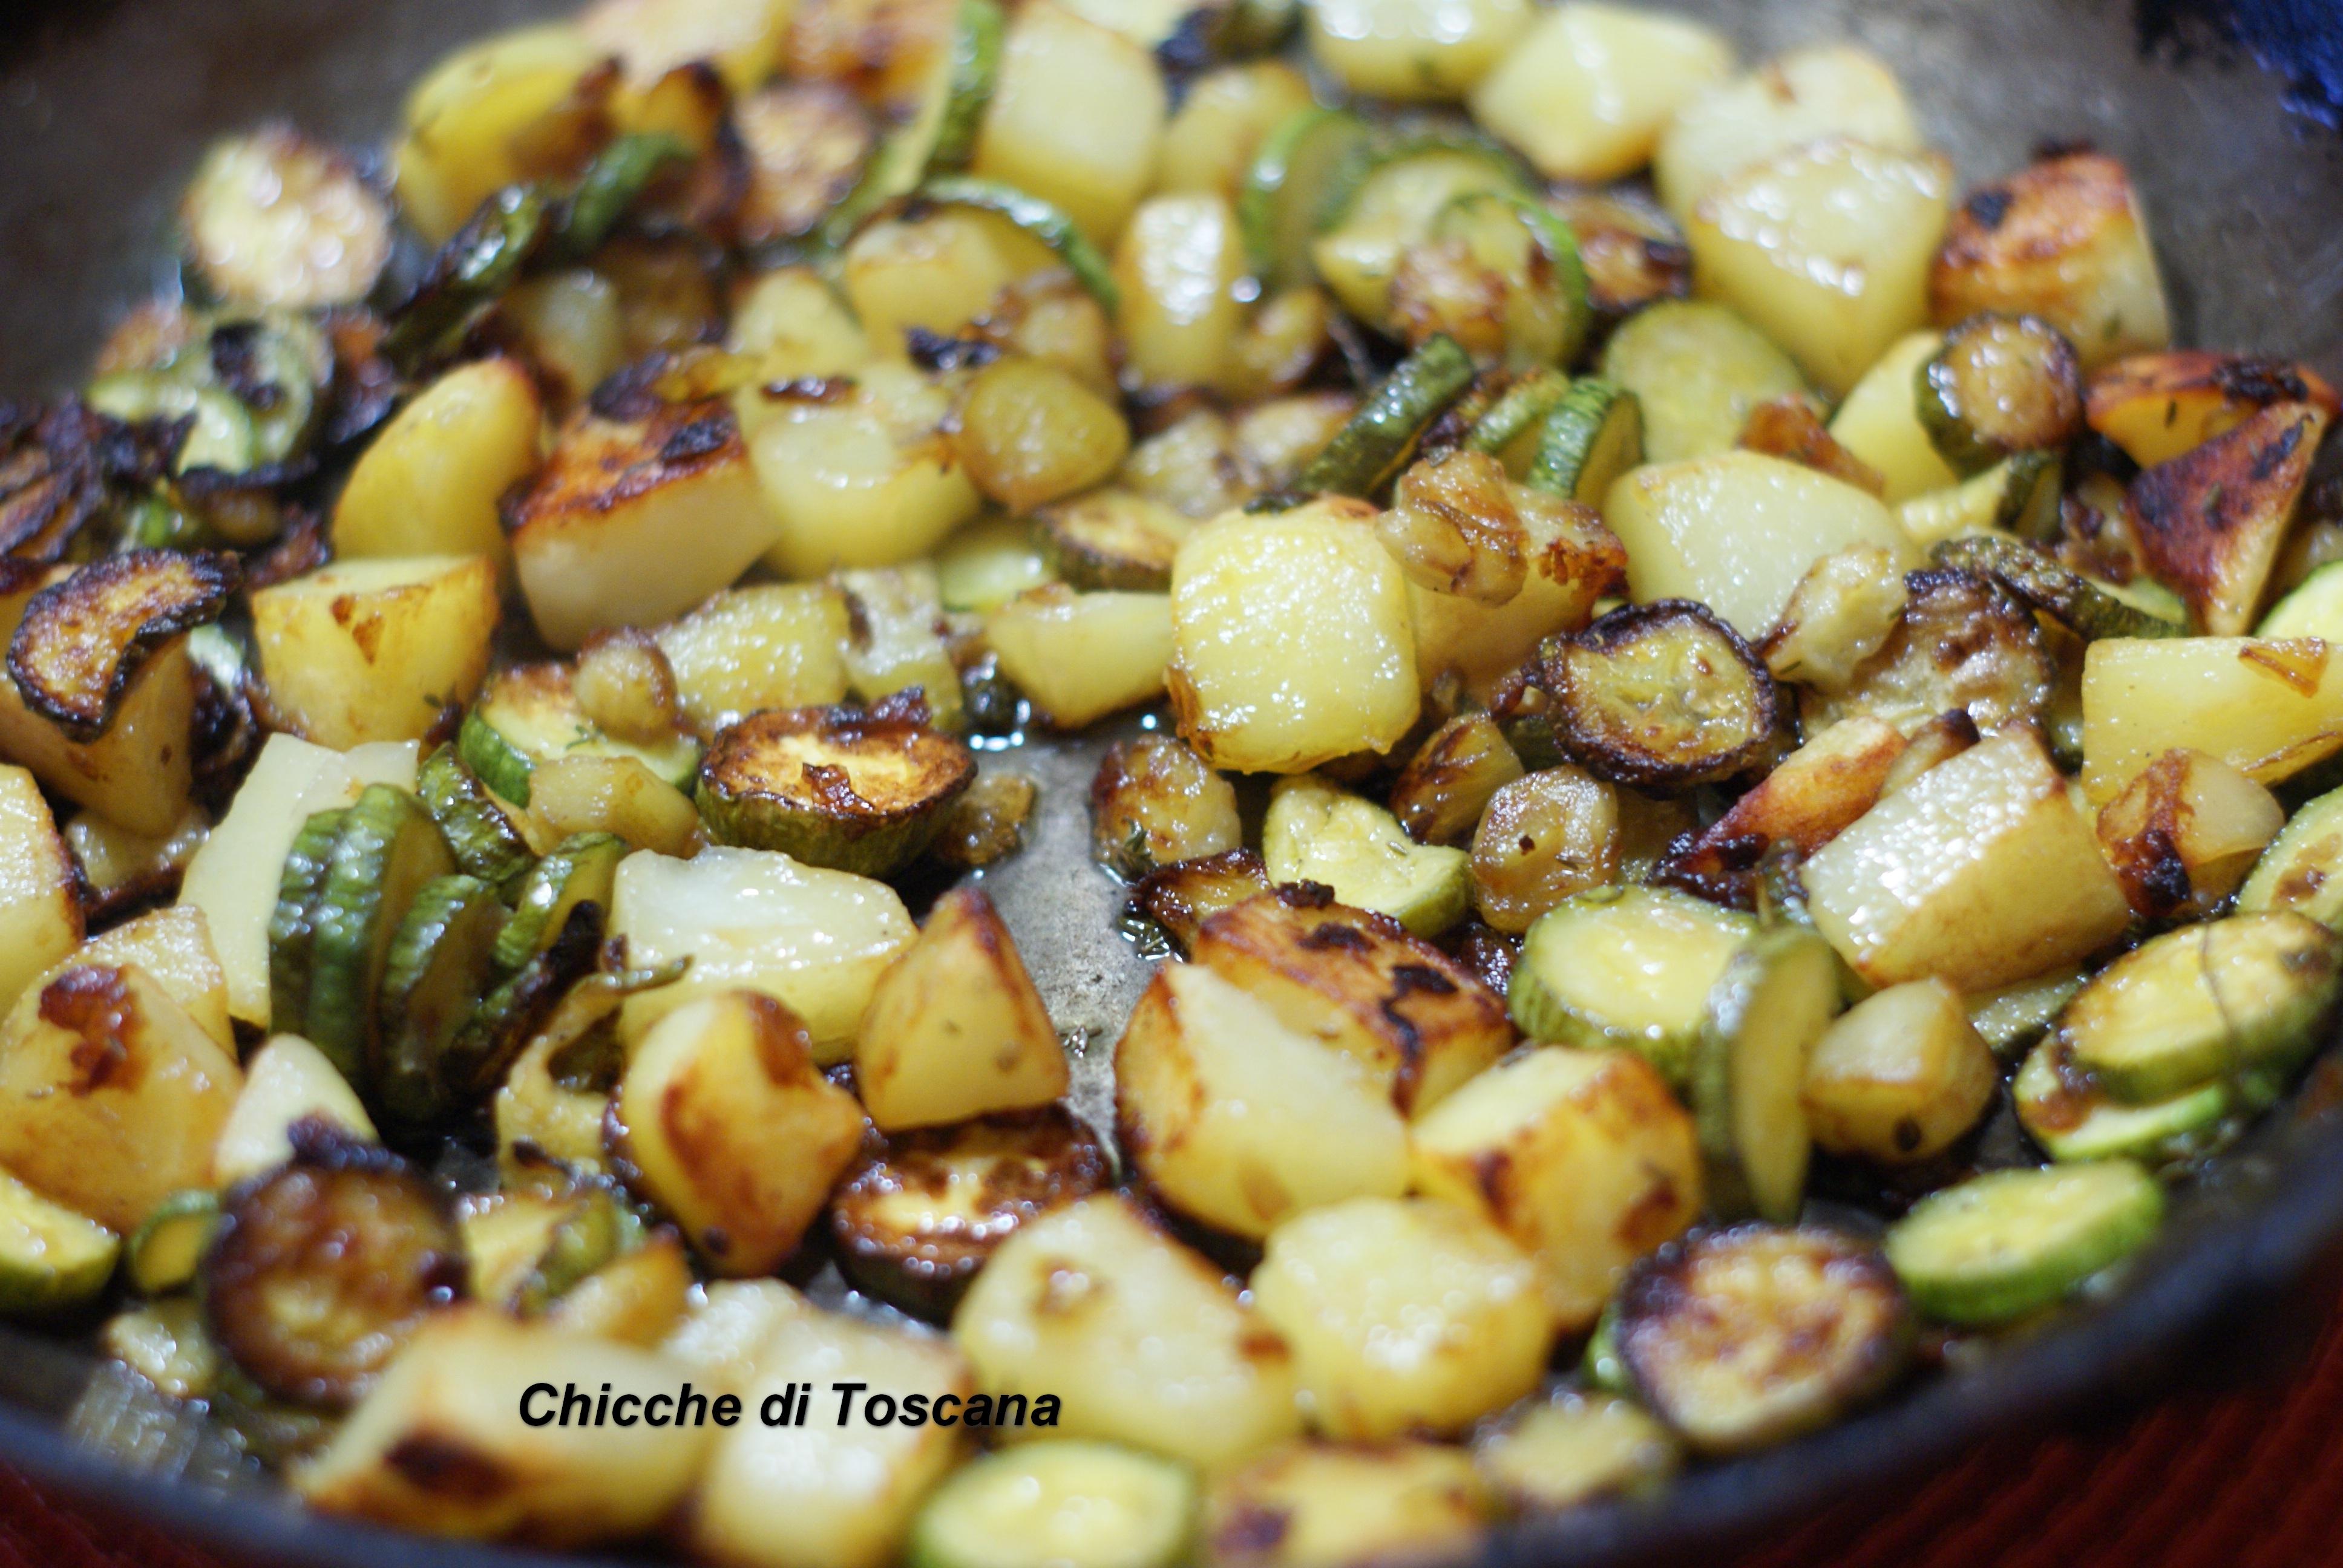 Verdure miste in padella chicche di toscana for Cucinare zucchine in padella